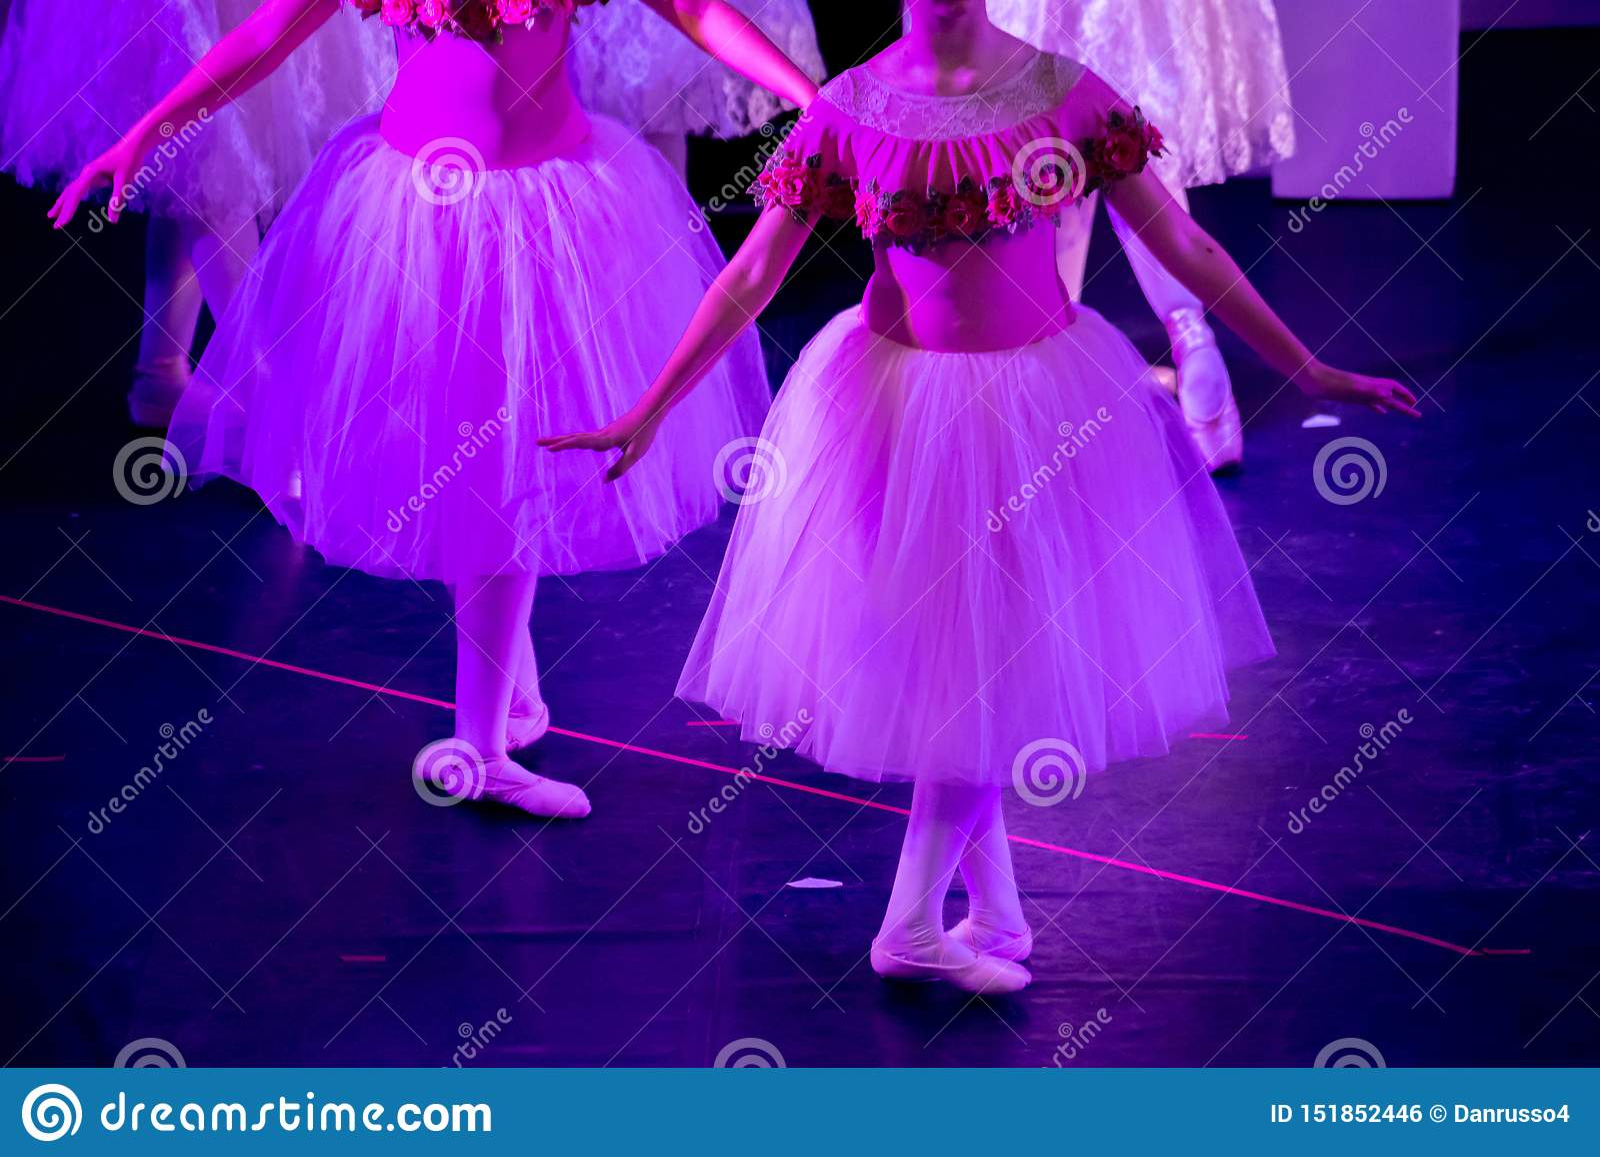 Balletdansers die onder Purper Licht met Klassieke Kleding een ballet op Onduidelijk beeldachtergrond uitvoeren